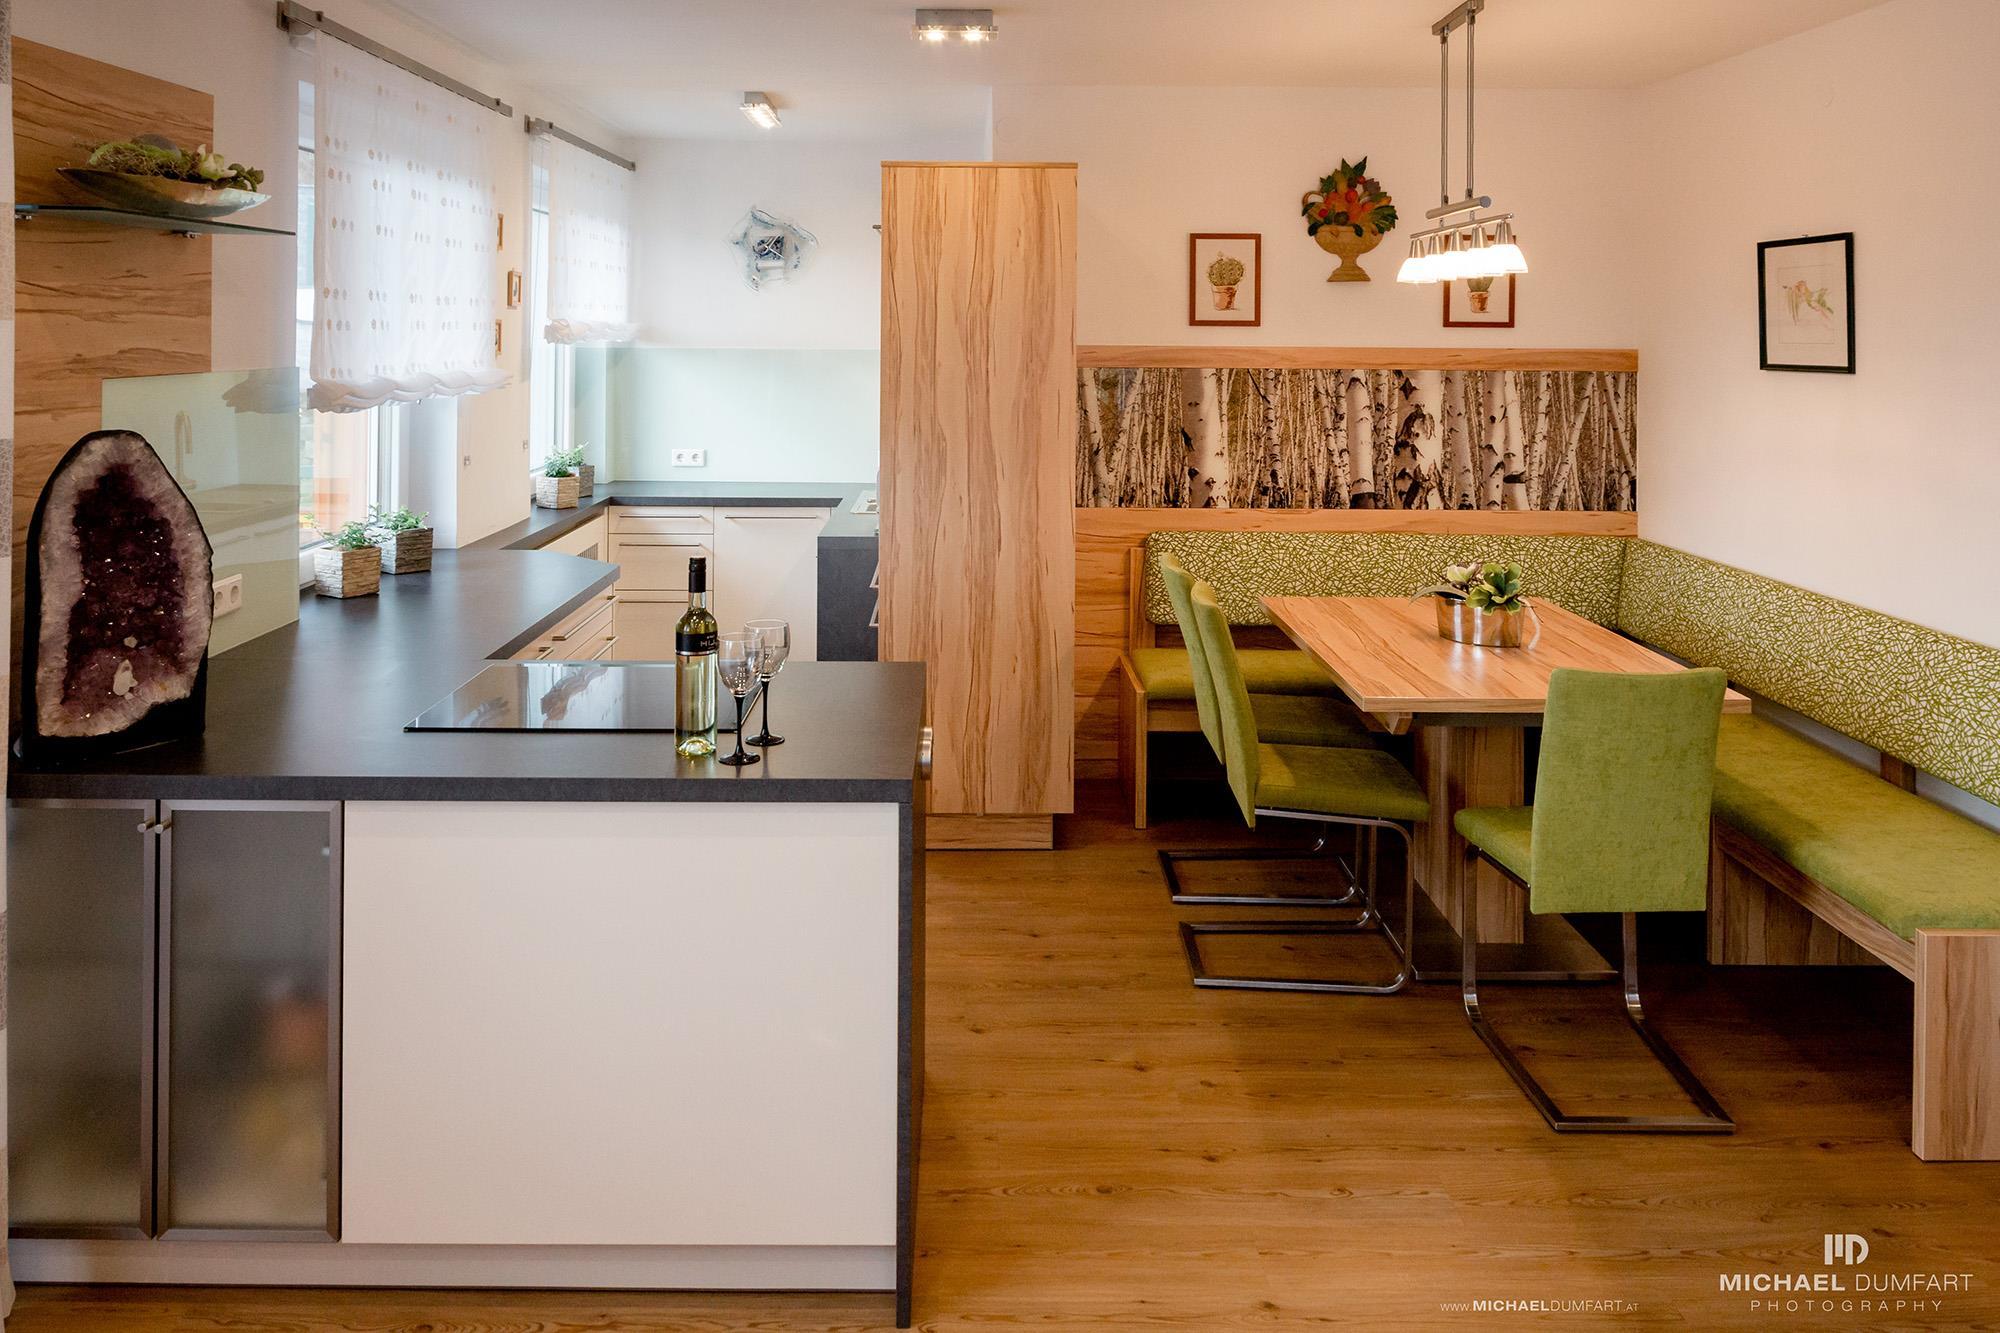 Küche & Küchenmöbel | Wohnideen vom Tischlermeister aus OÖ